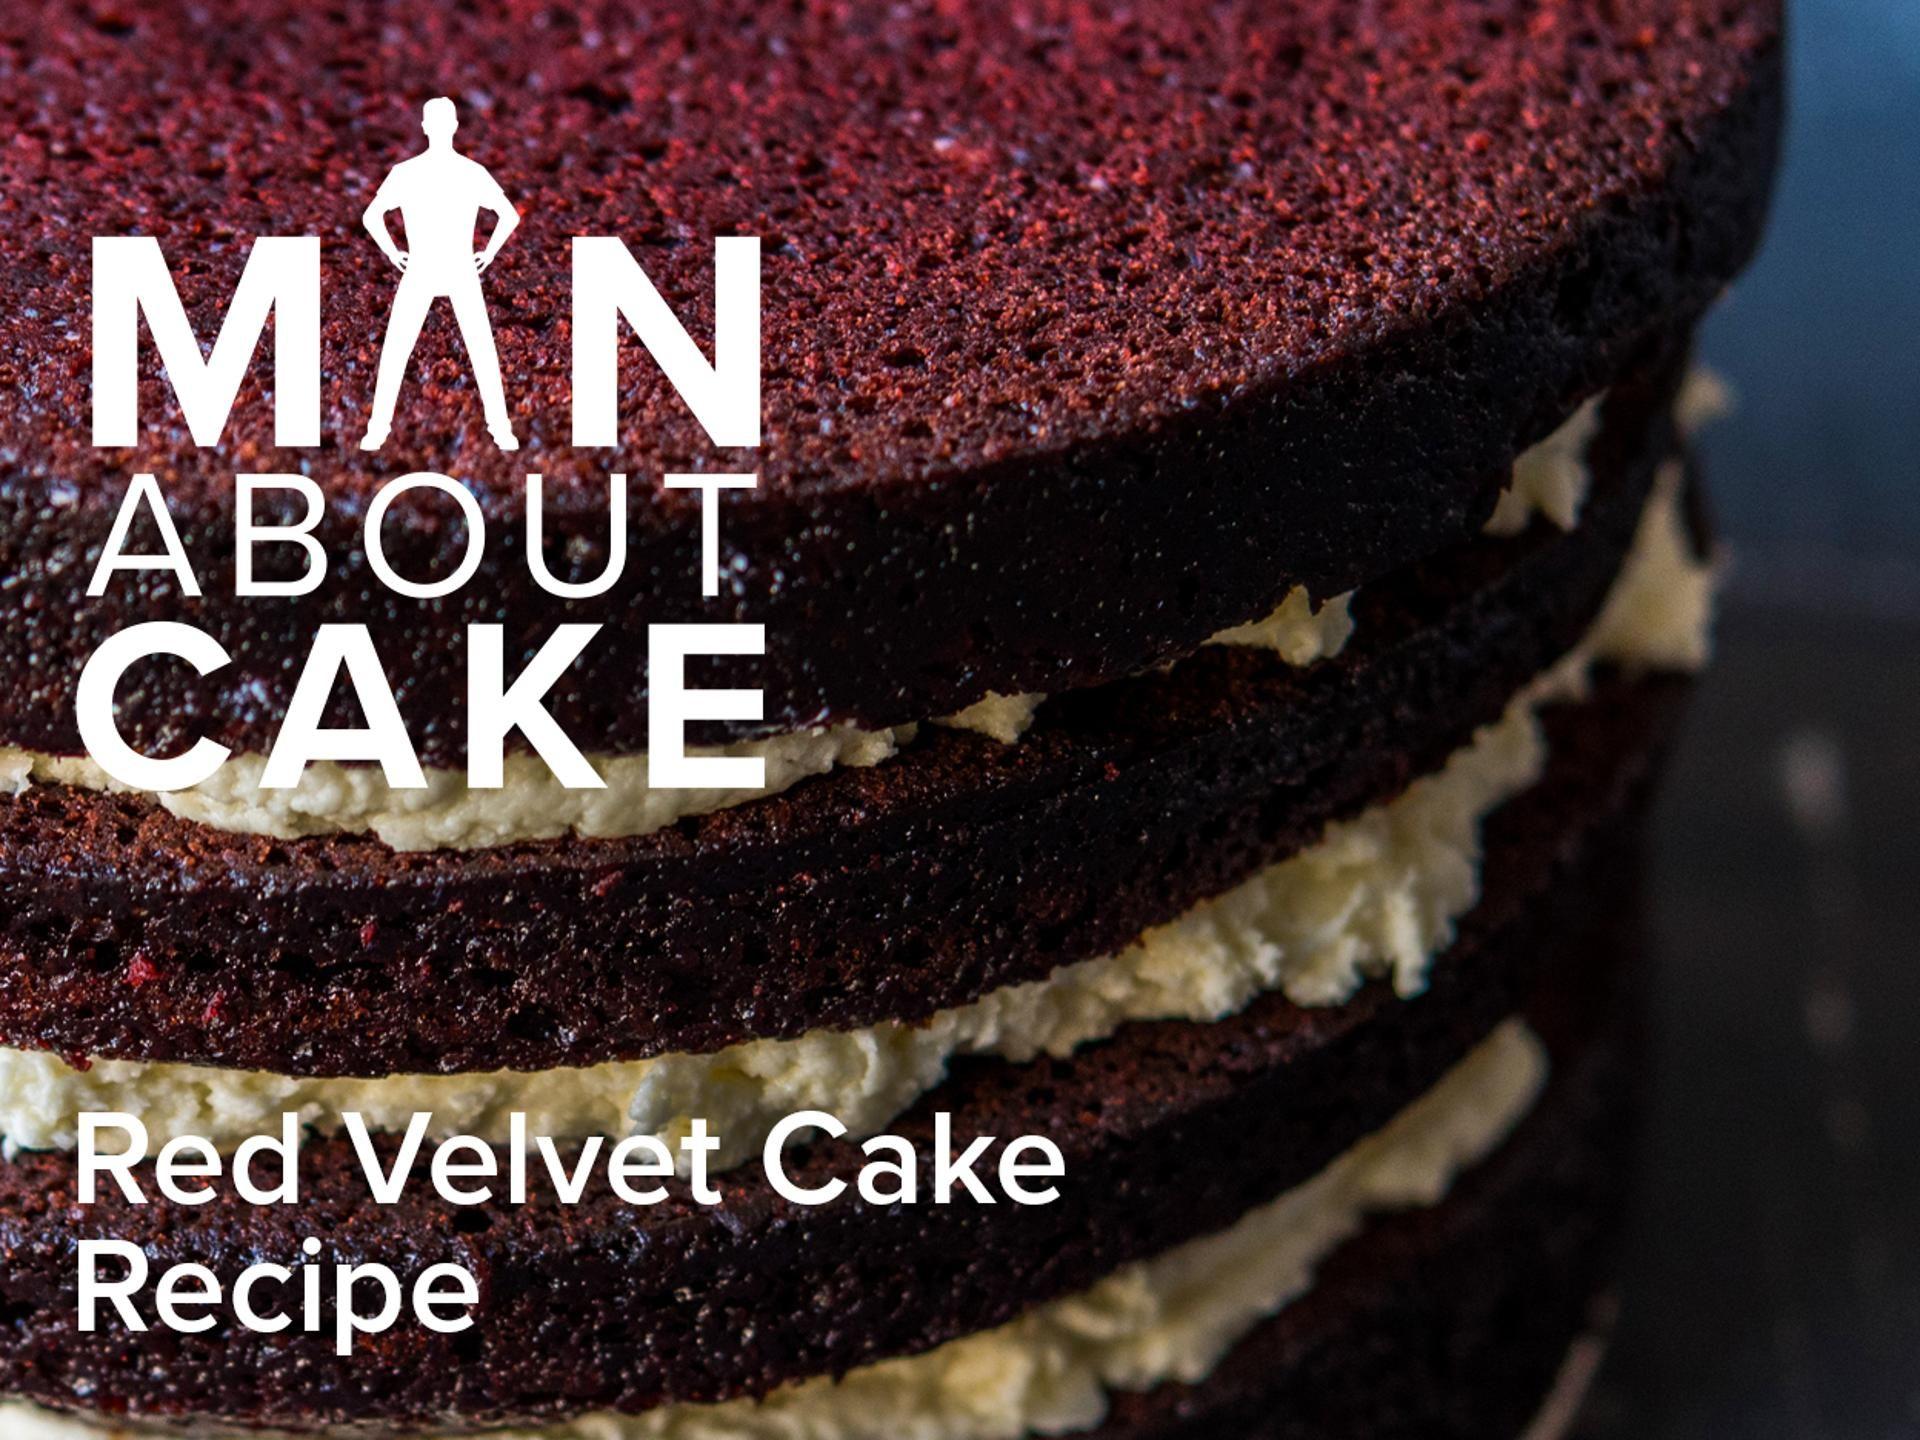 Joshua John Russell S Red Velvet Cake Recipe Is Mouthwateringly